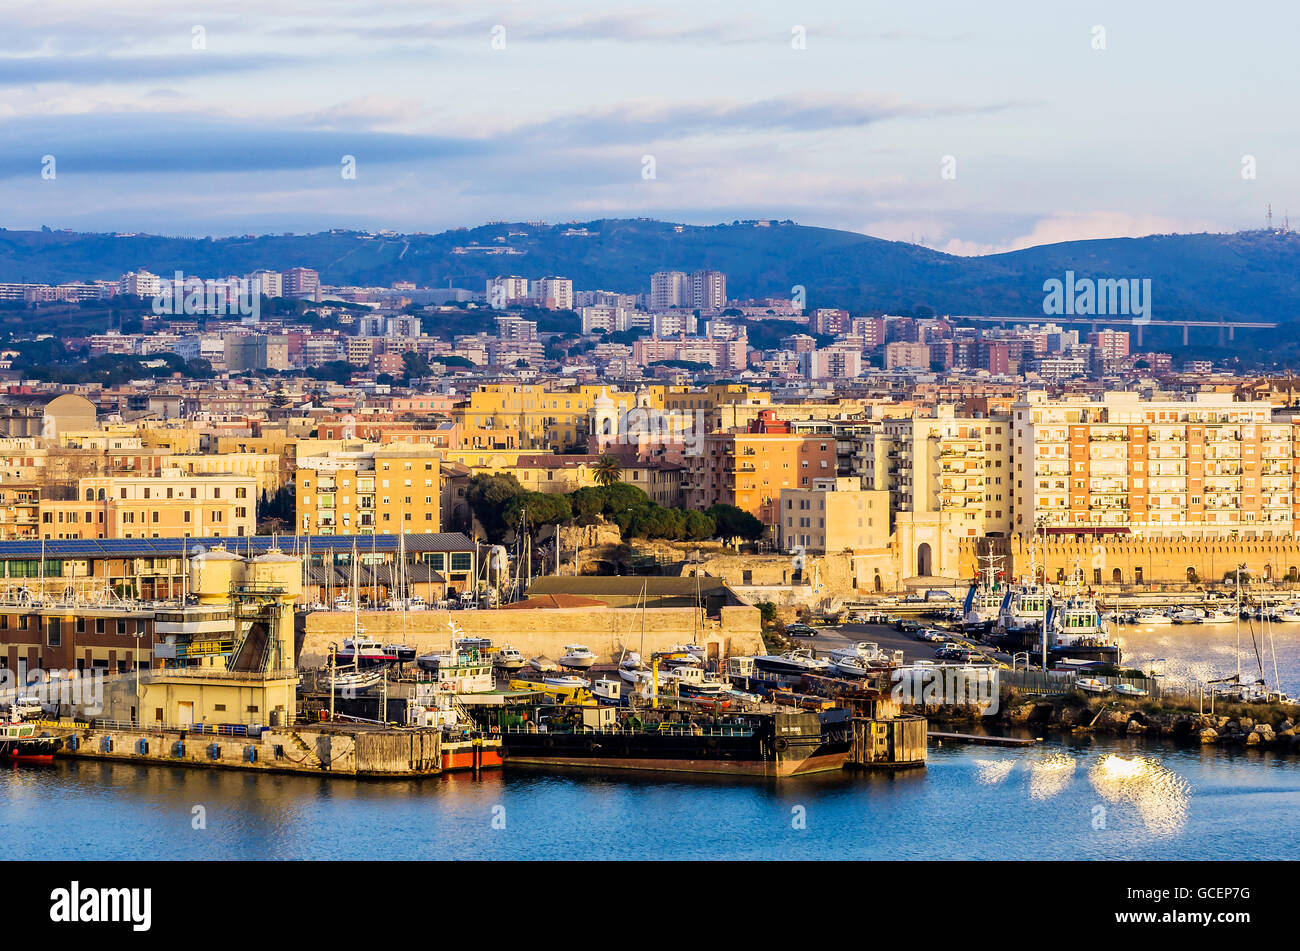 Port civitavecchia metropolitan city of rome capital - Getting from civitavecchia port to rome ...